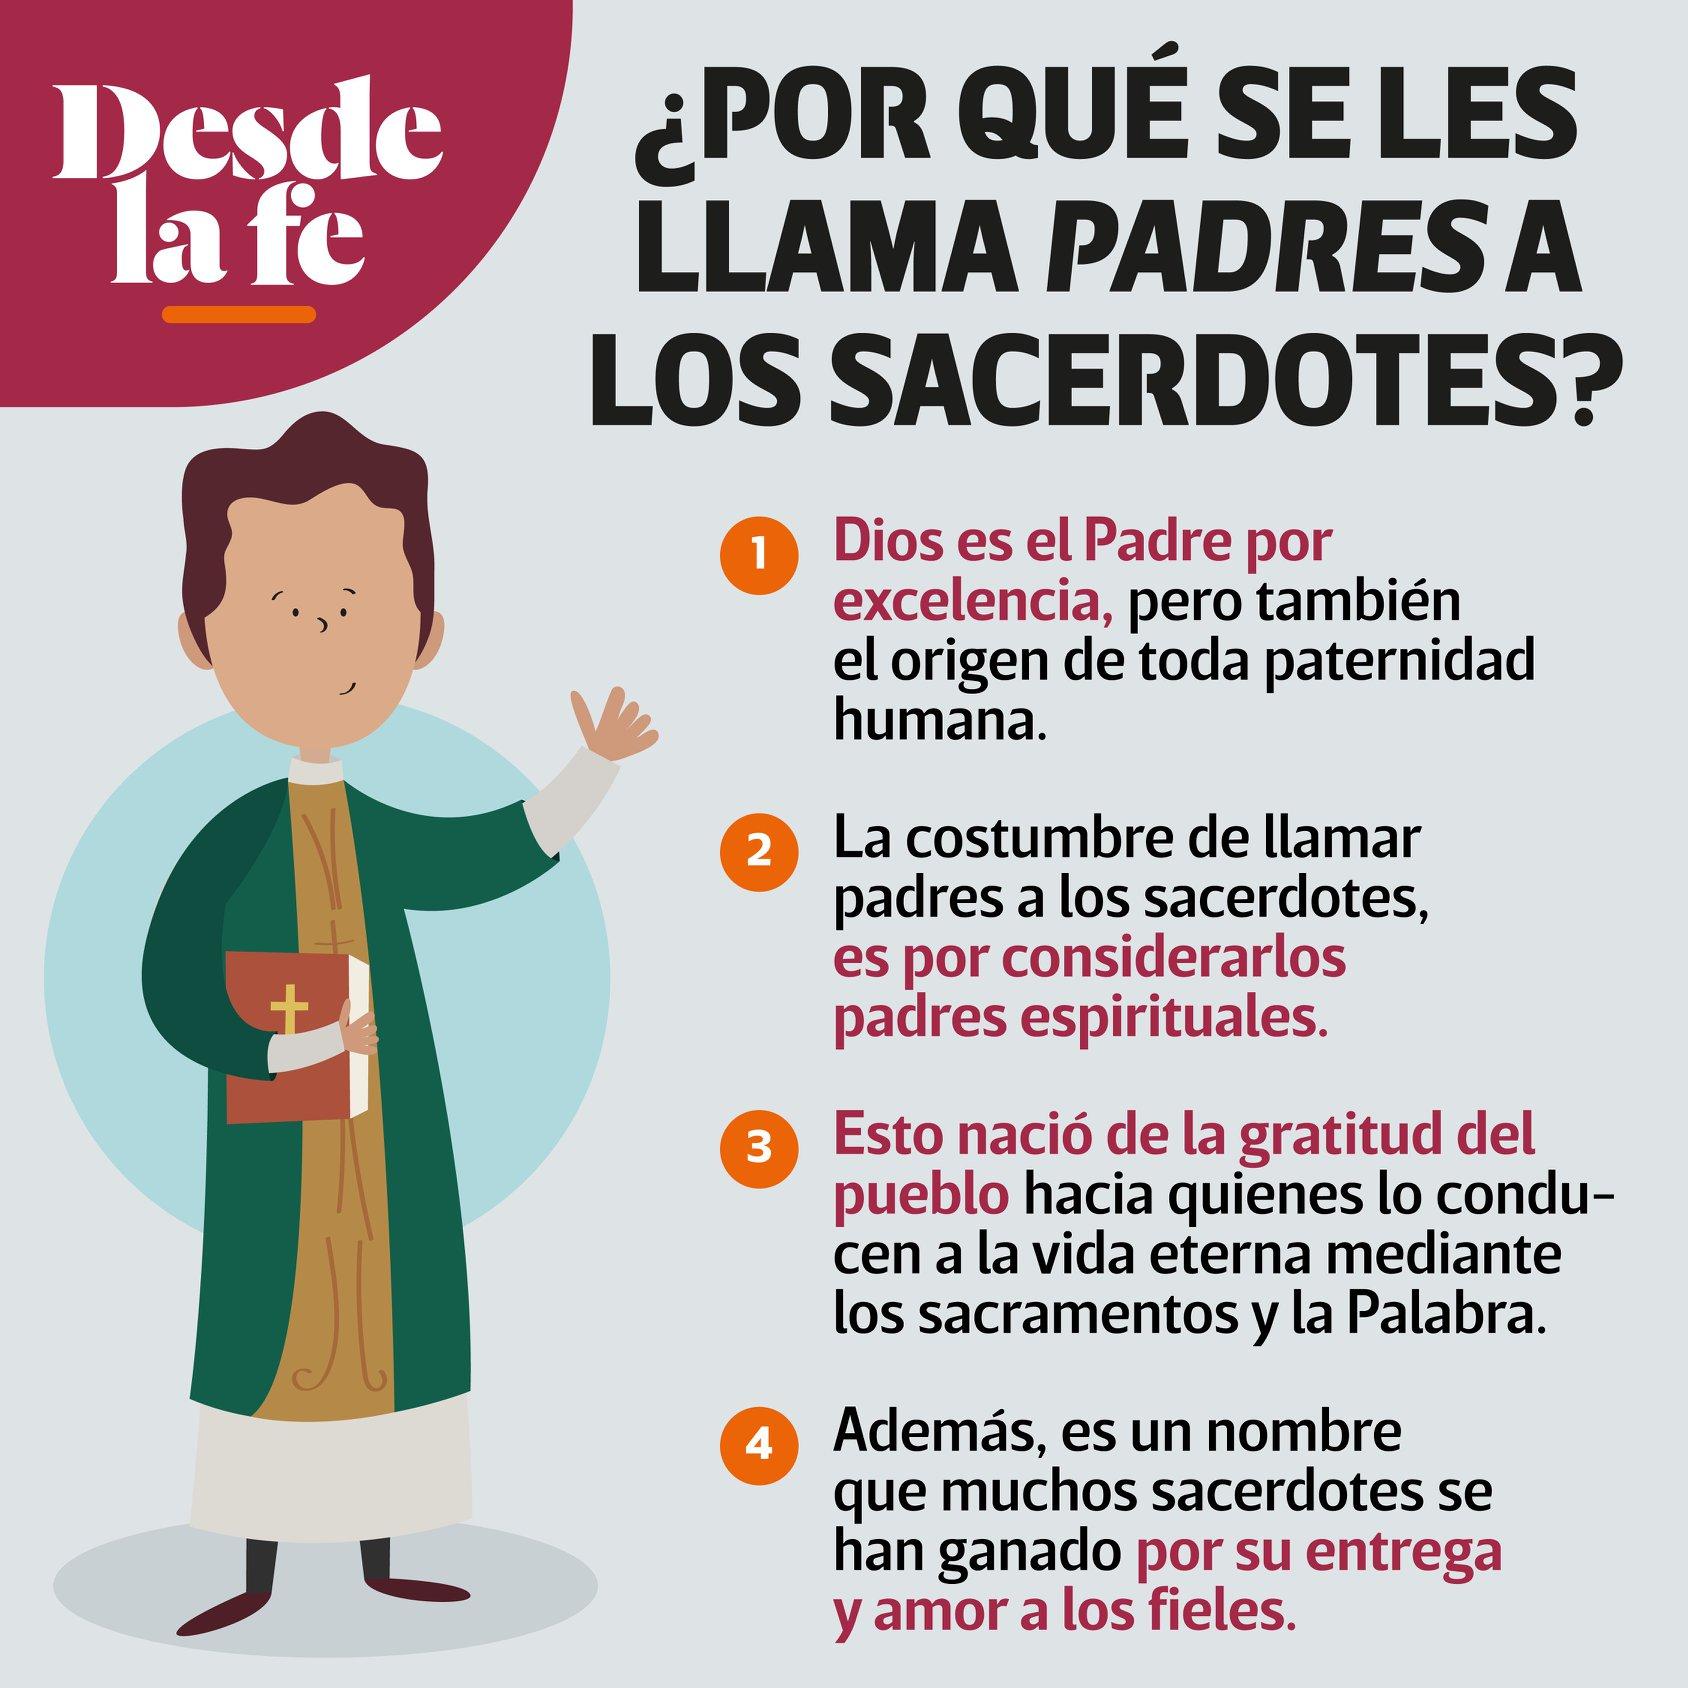 ¿Por qué les decimos padres a los sacerdotes?